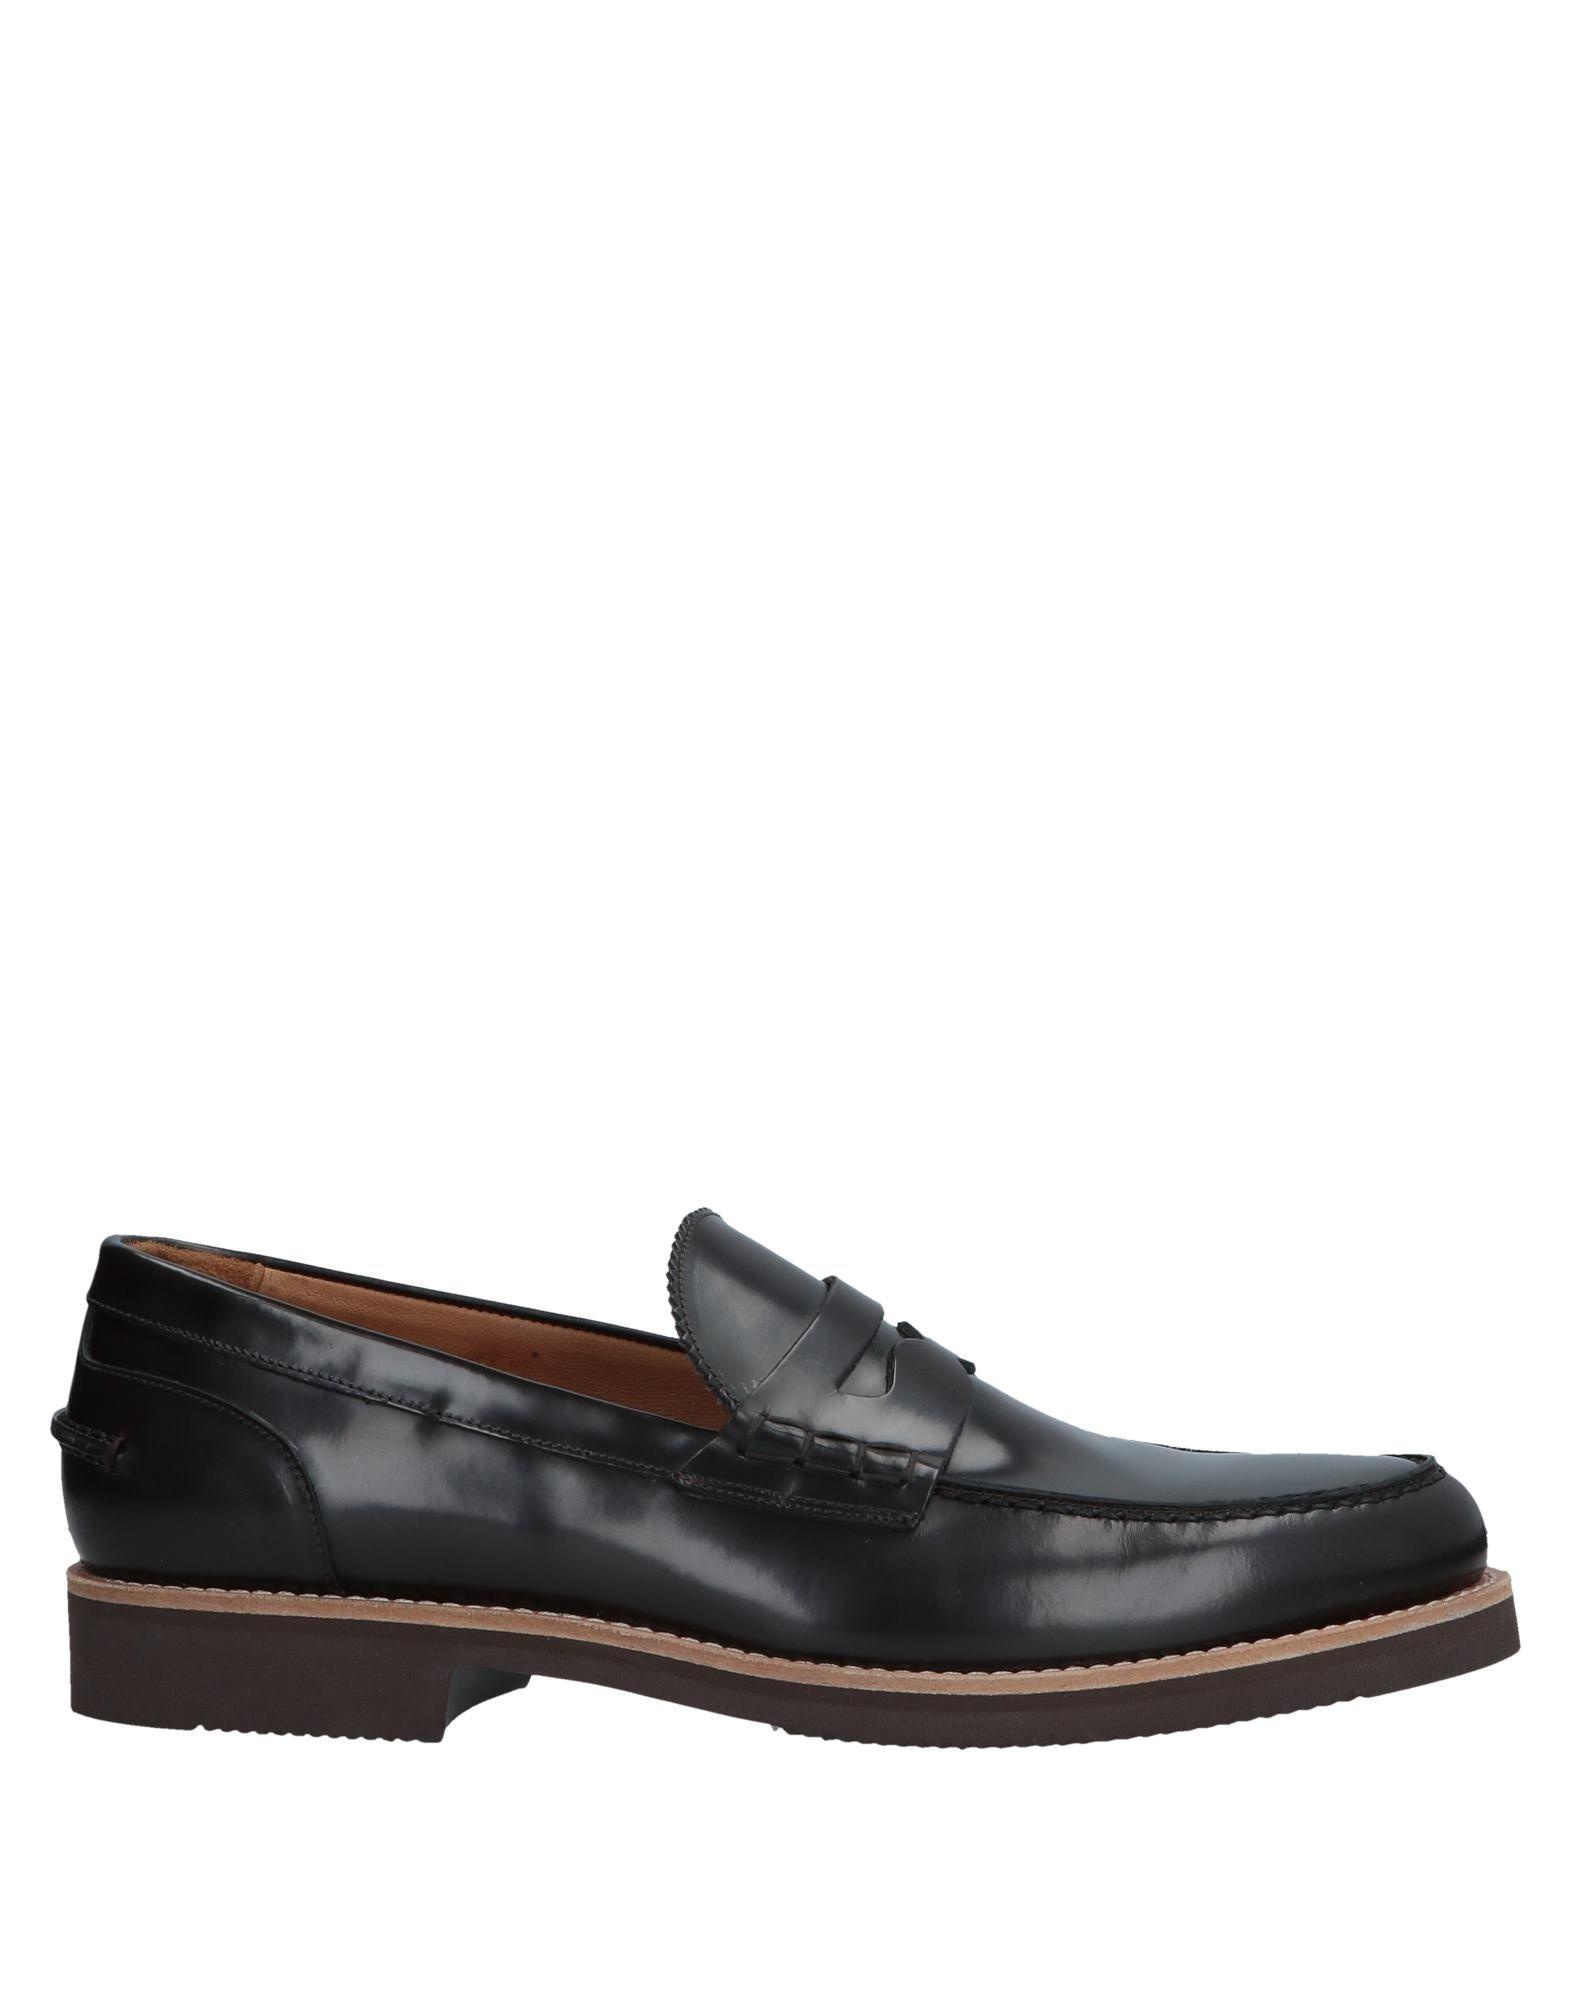 Rabatt J.Wilton echte Schuhe J.Wilton Rabatt Mokassins Herren  11561700JB 68c65e